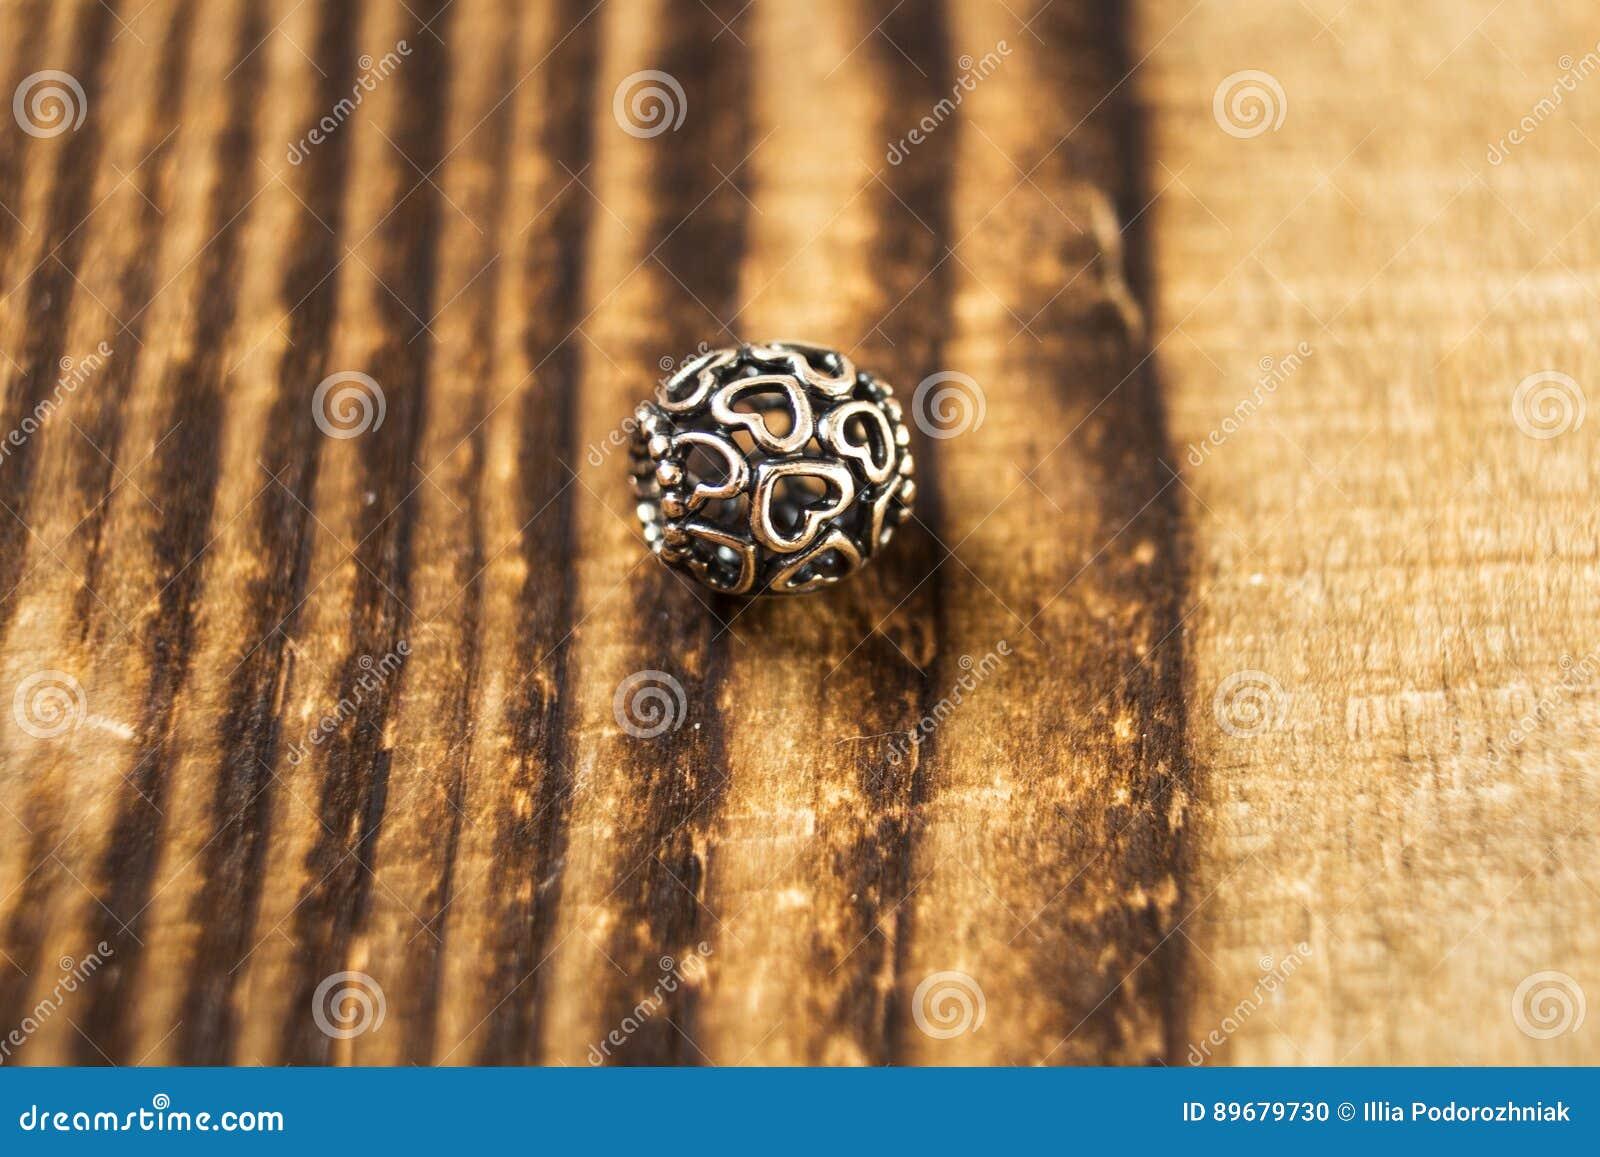 Silberne Perle für Armband auf hölzernem Hintergrund